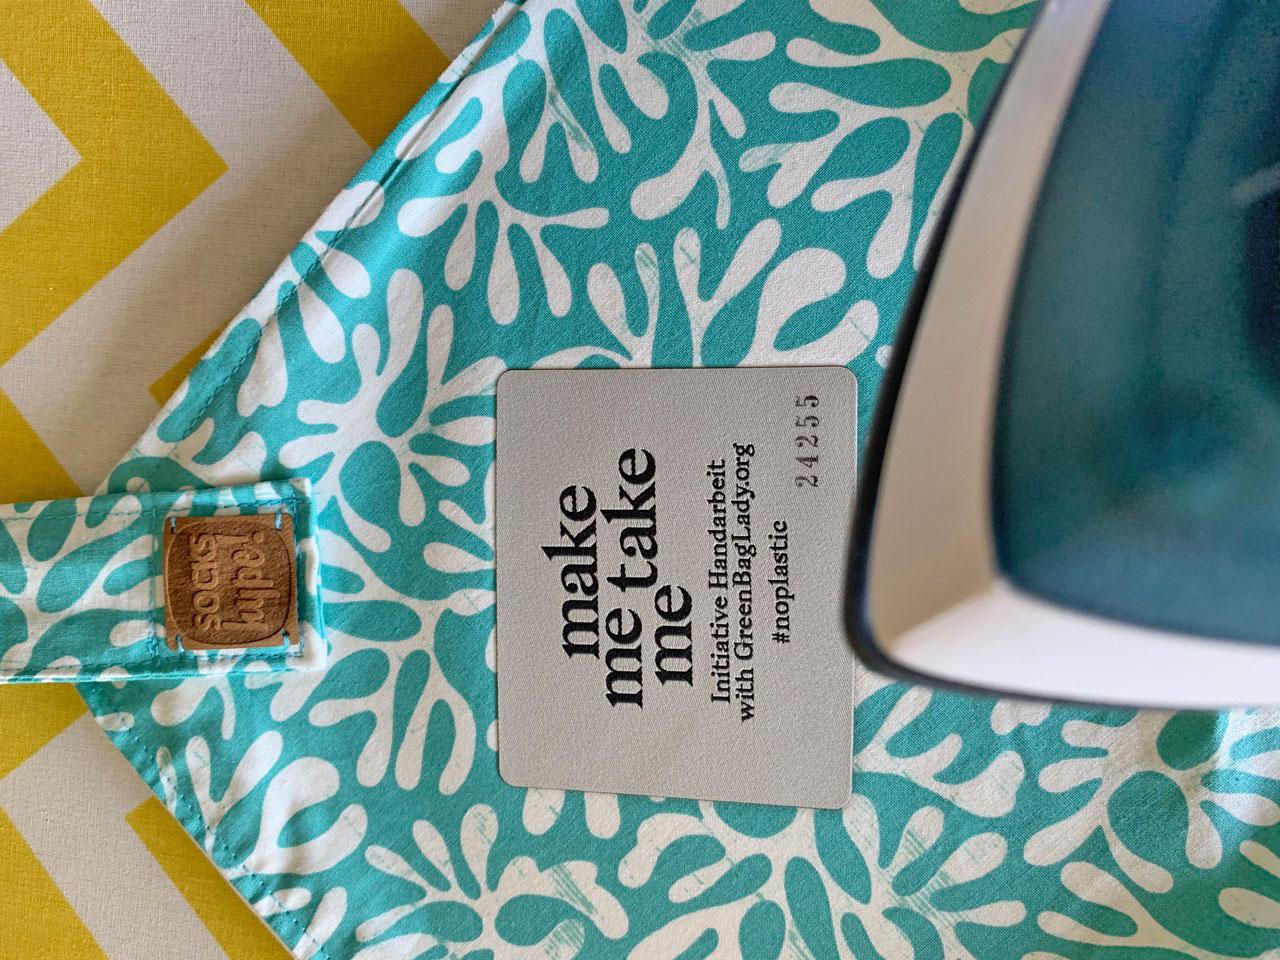 Das Label wird auf die Tasche gebügelt